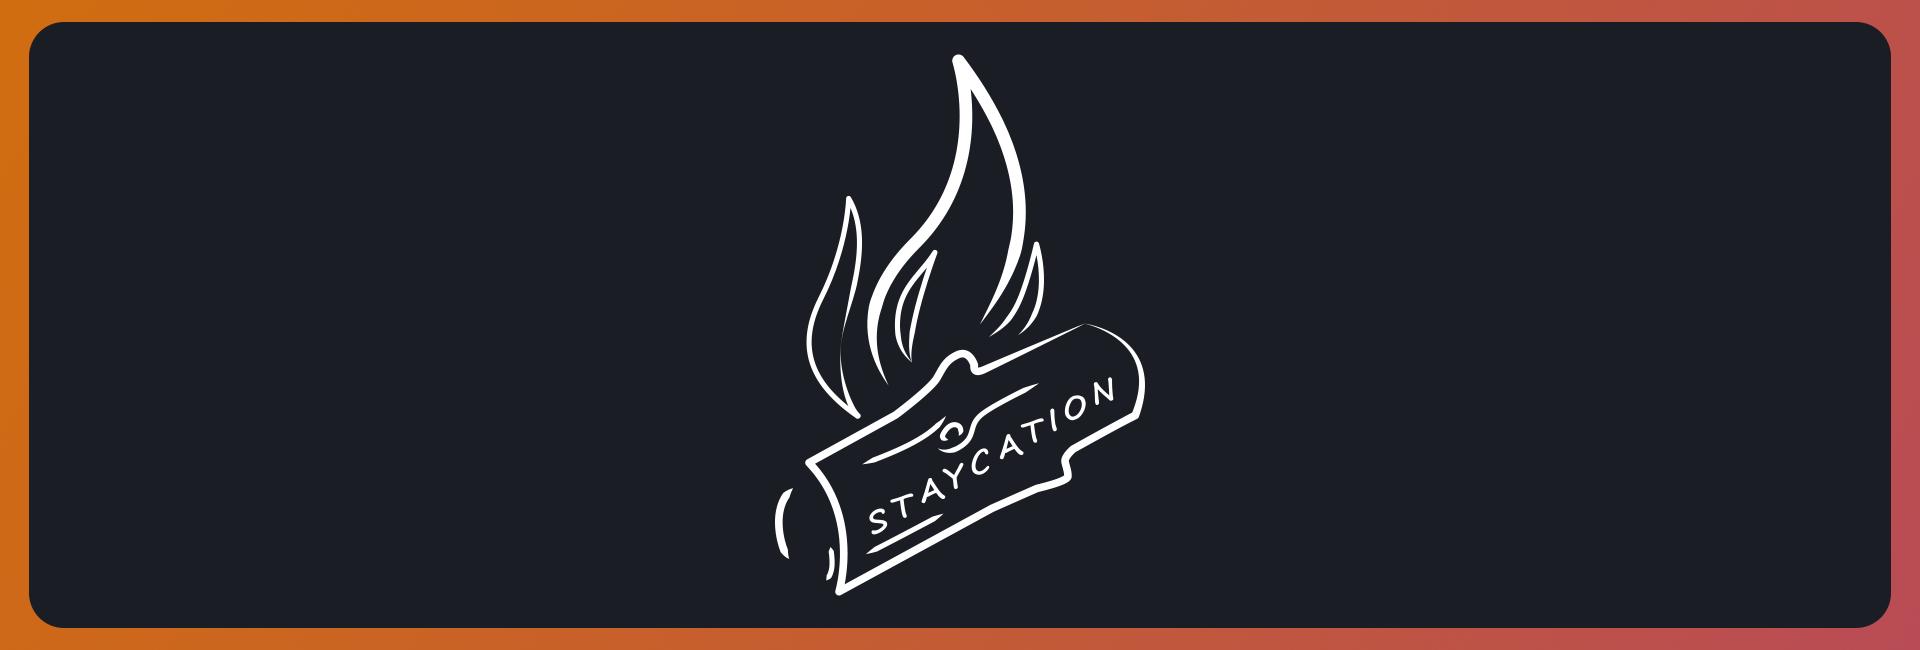 Staycation- Week 5